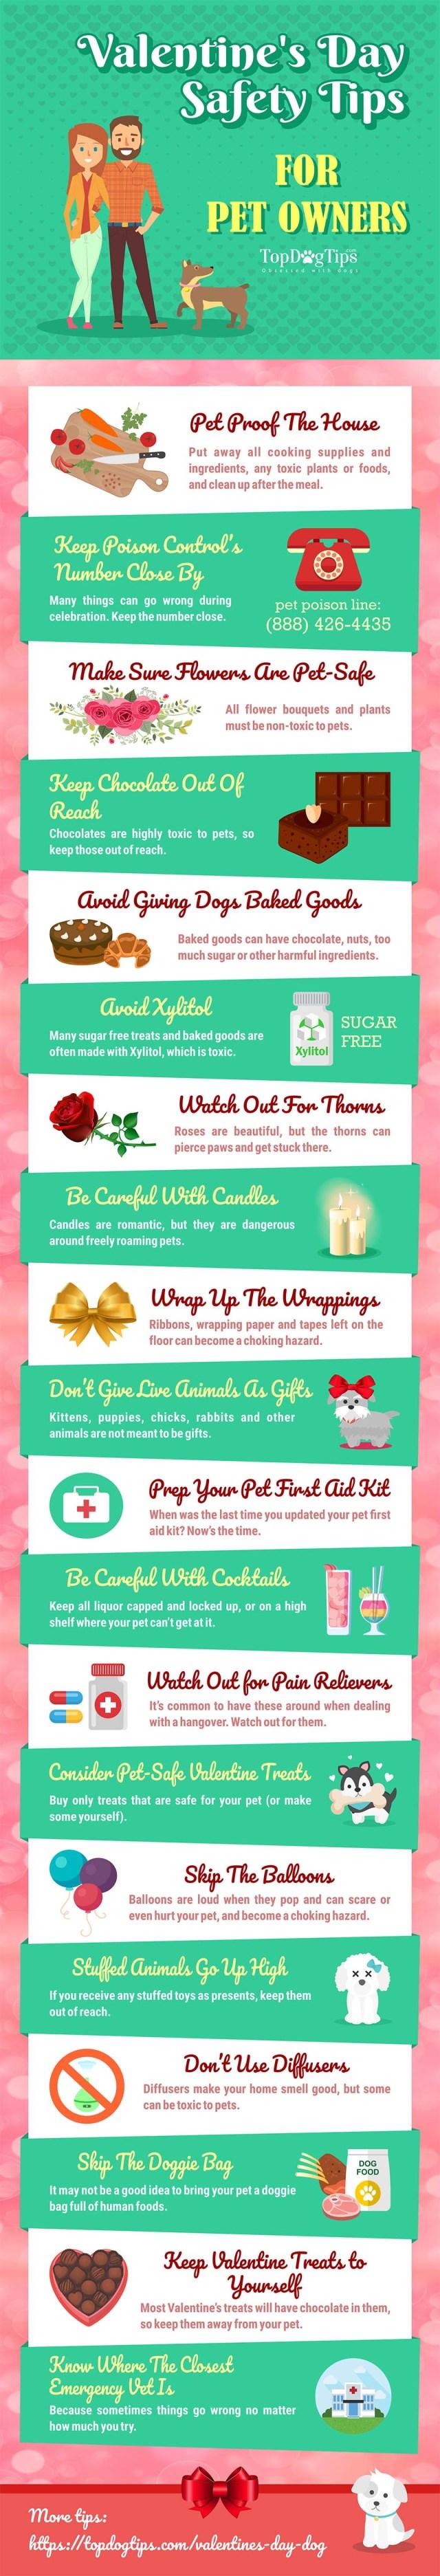 Valentines Pet Safety